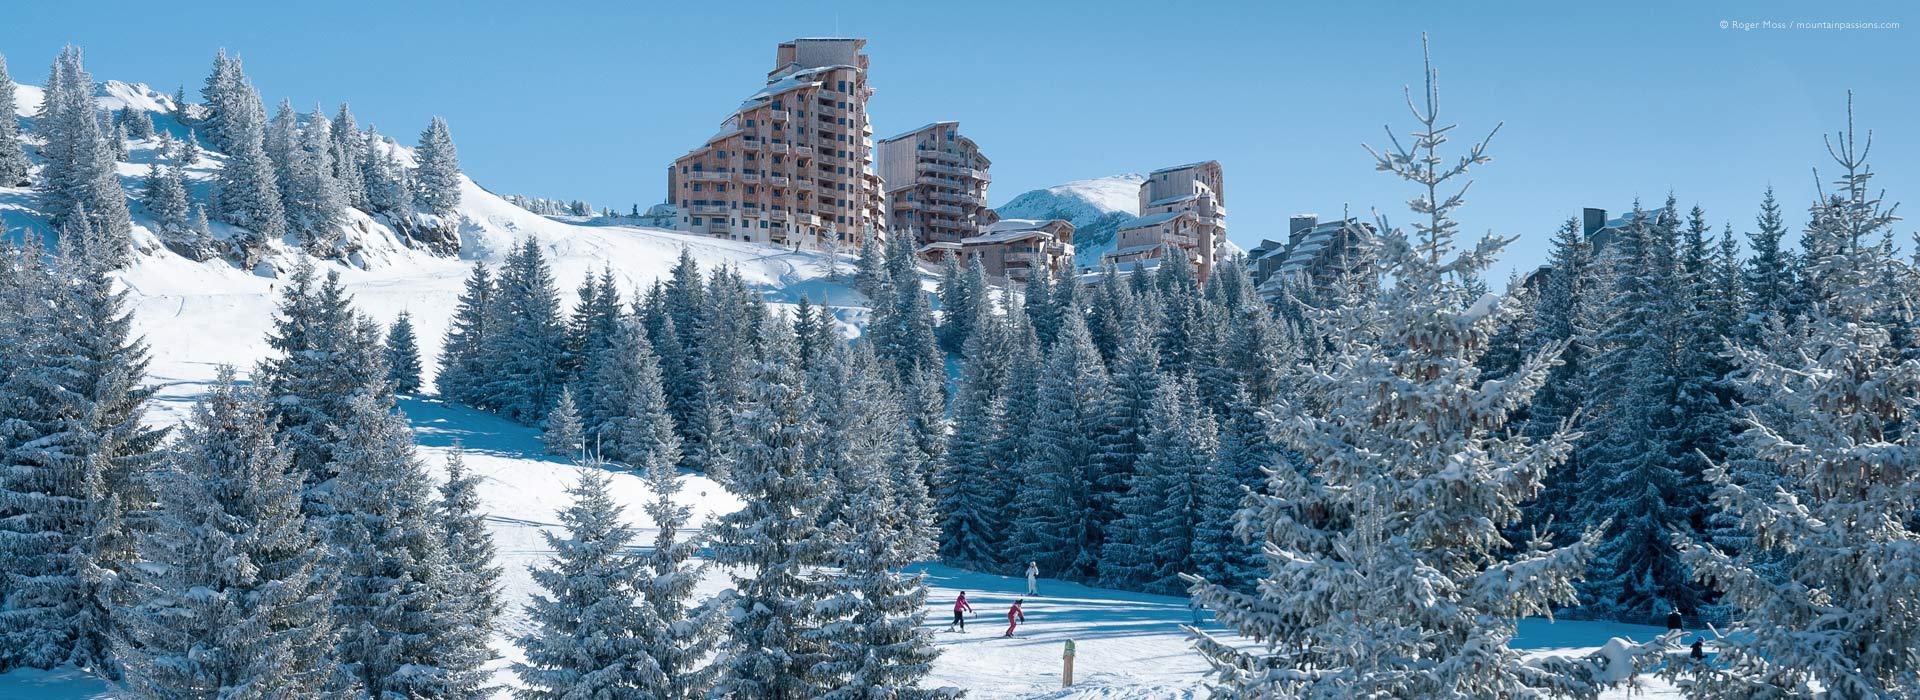 Skiers on tree-lined piste below Avoriaz ski resort